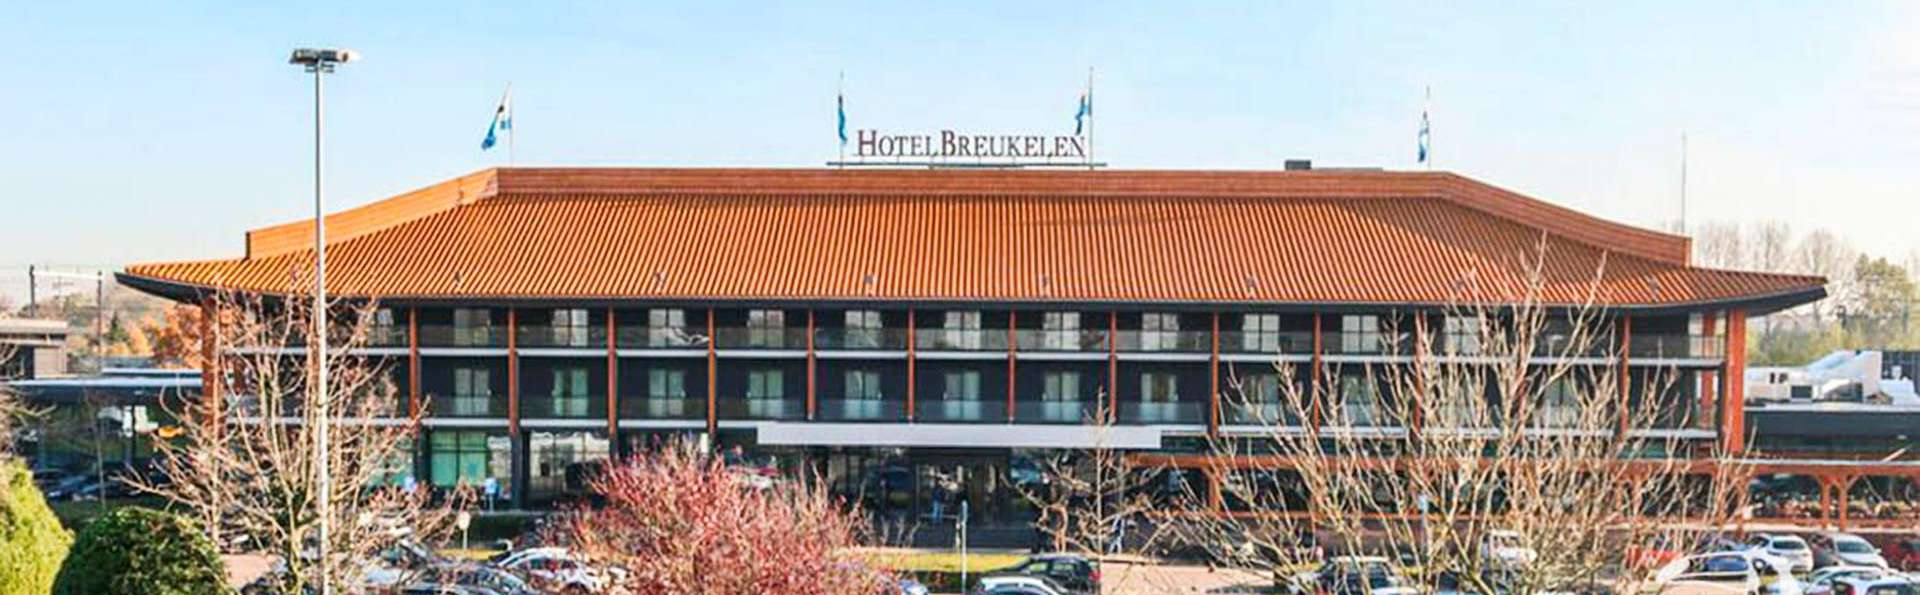 Van der Valk Hotel Breukelen - EDIT_Hotel-Breukelen-pand-voorkant_01.jpg